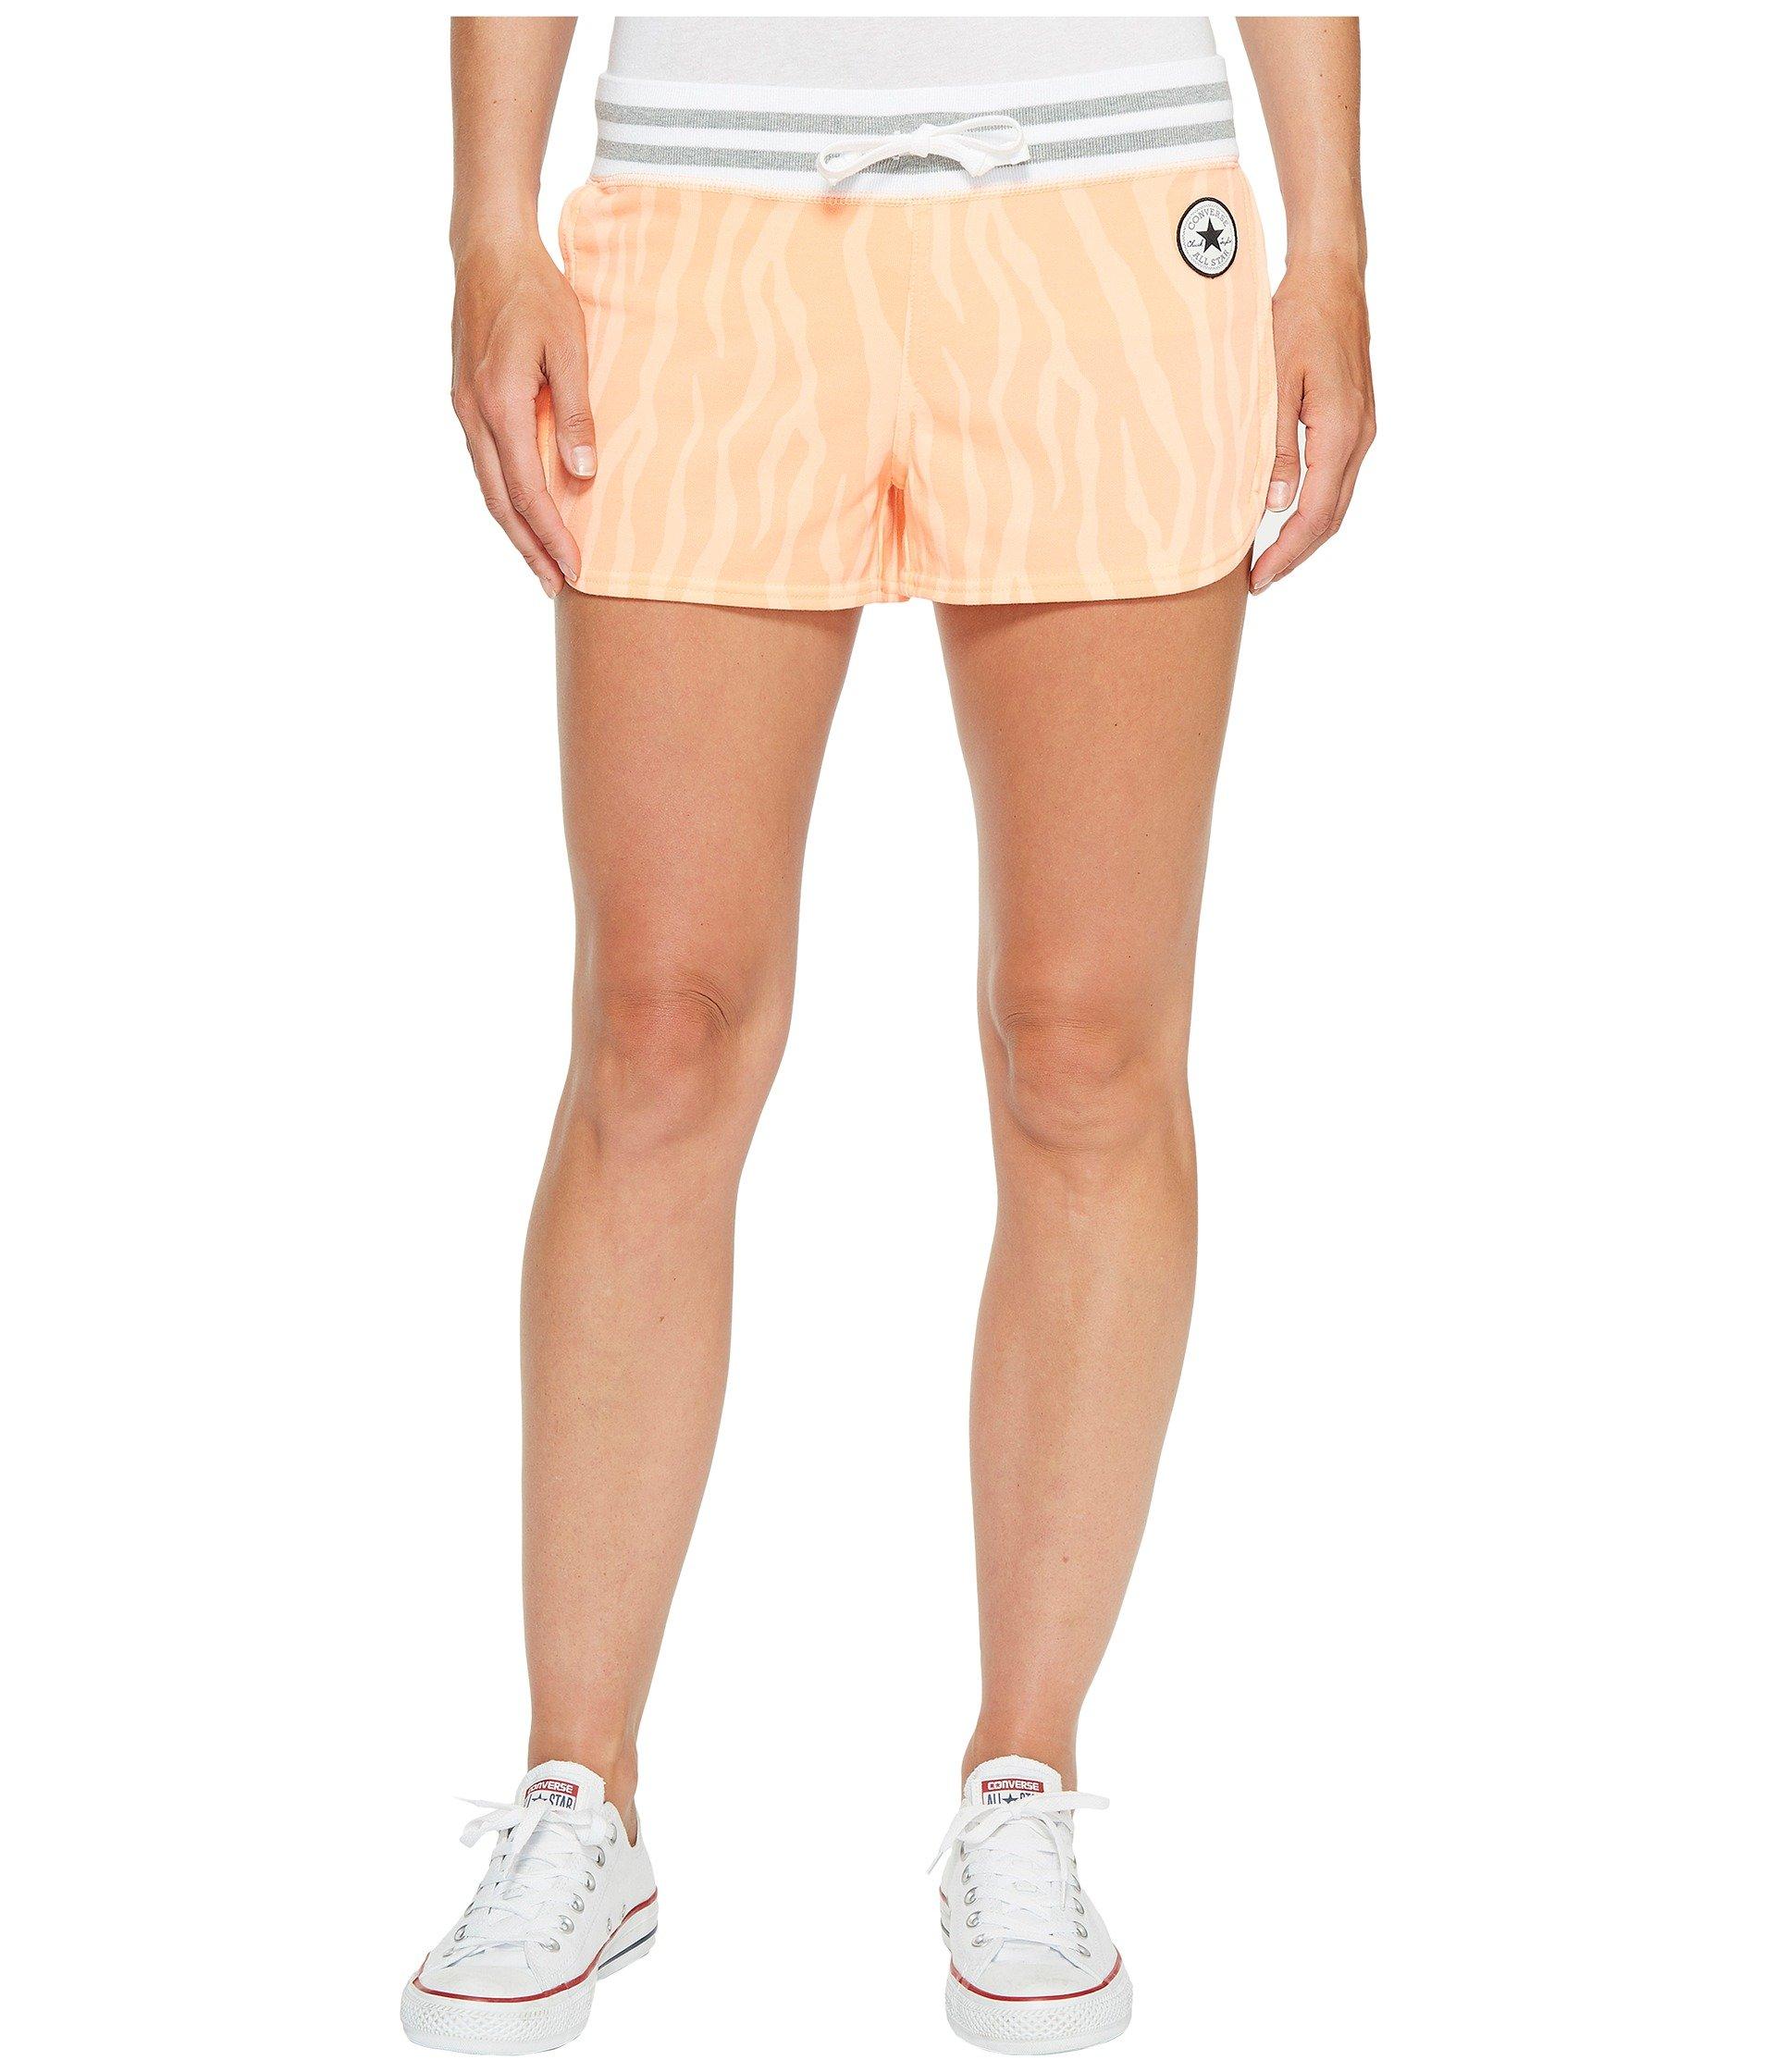 Pantalón Corto para Mujer Converse Mesh Paneled Track Shorts  + Converse en VeoyCompro.net